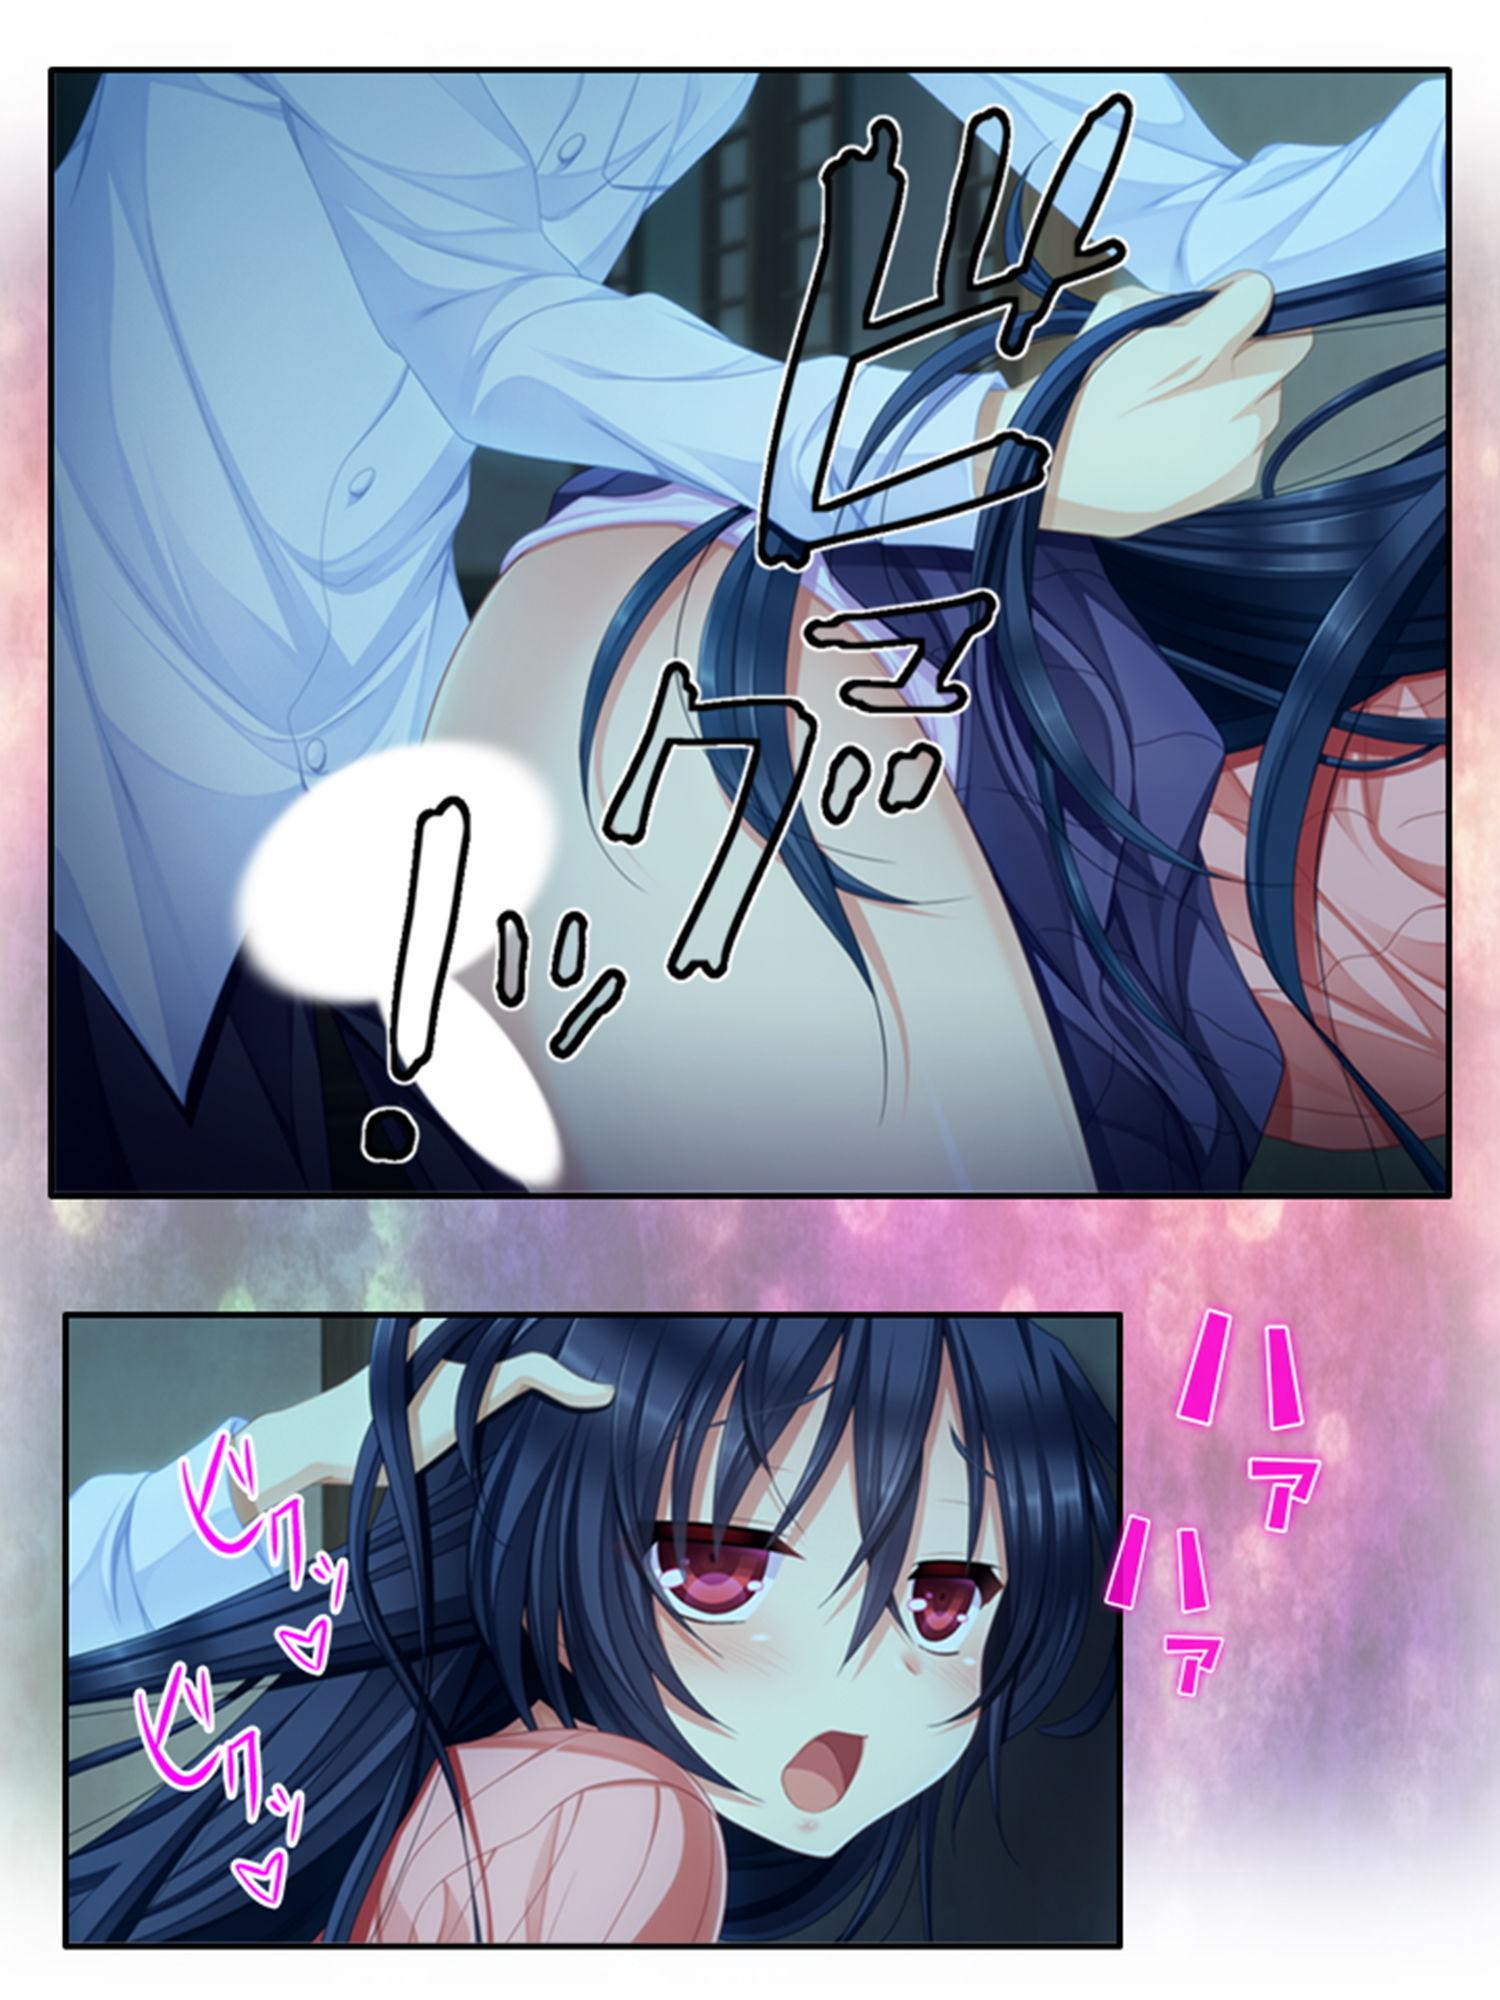 サンプル画像5:復讐 ニセモノの姉は僕に従う肉●隷 2巻(あまからや) [d_199828]